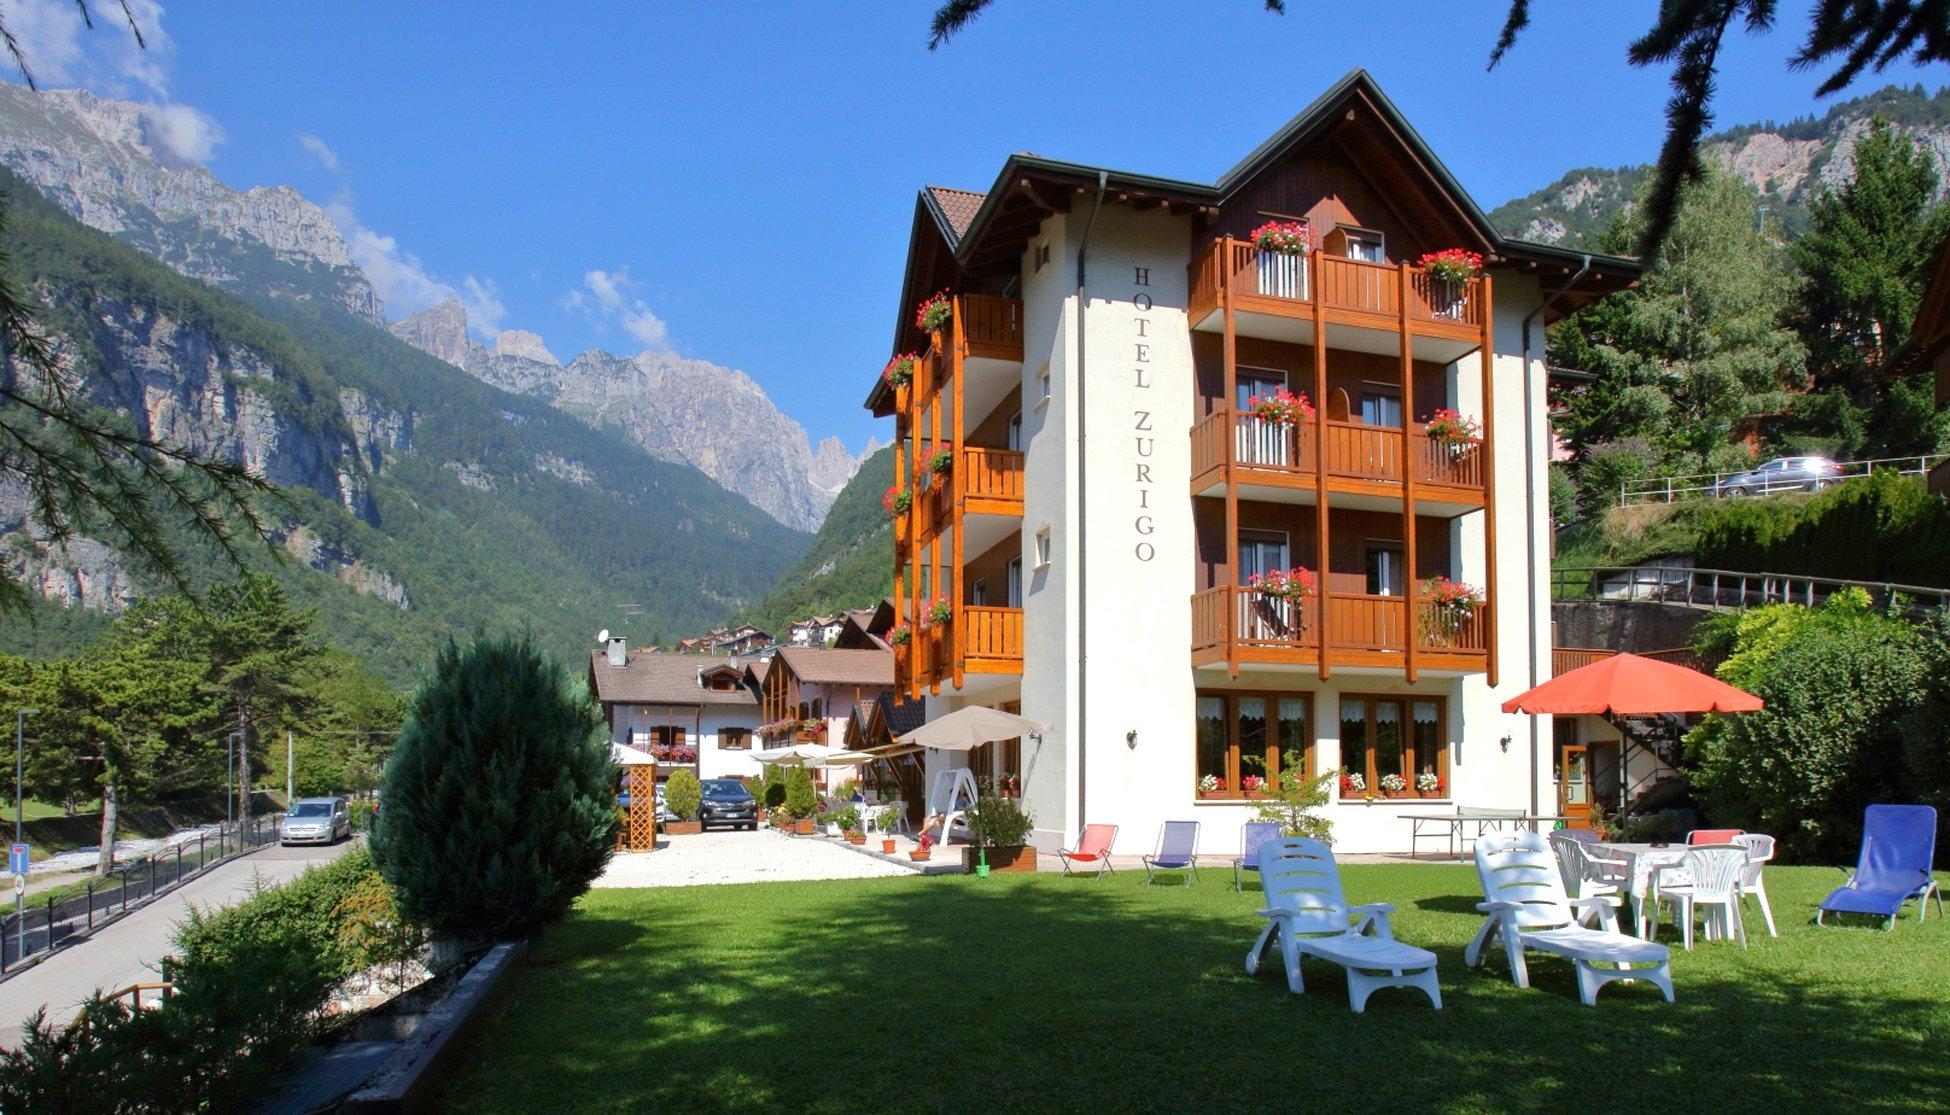 Hotel zurigo molveno vacanza in trentino per tutta la for Hotel a bressanone centro storico